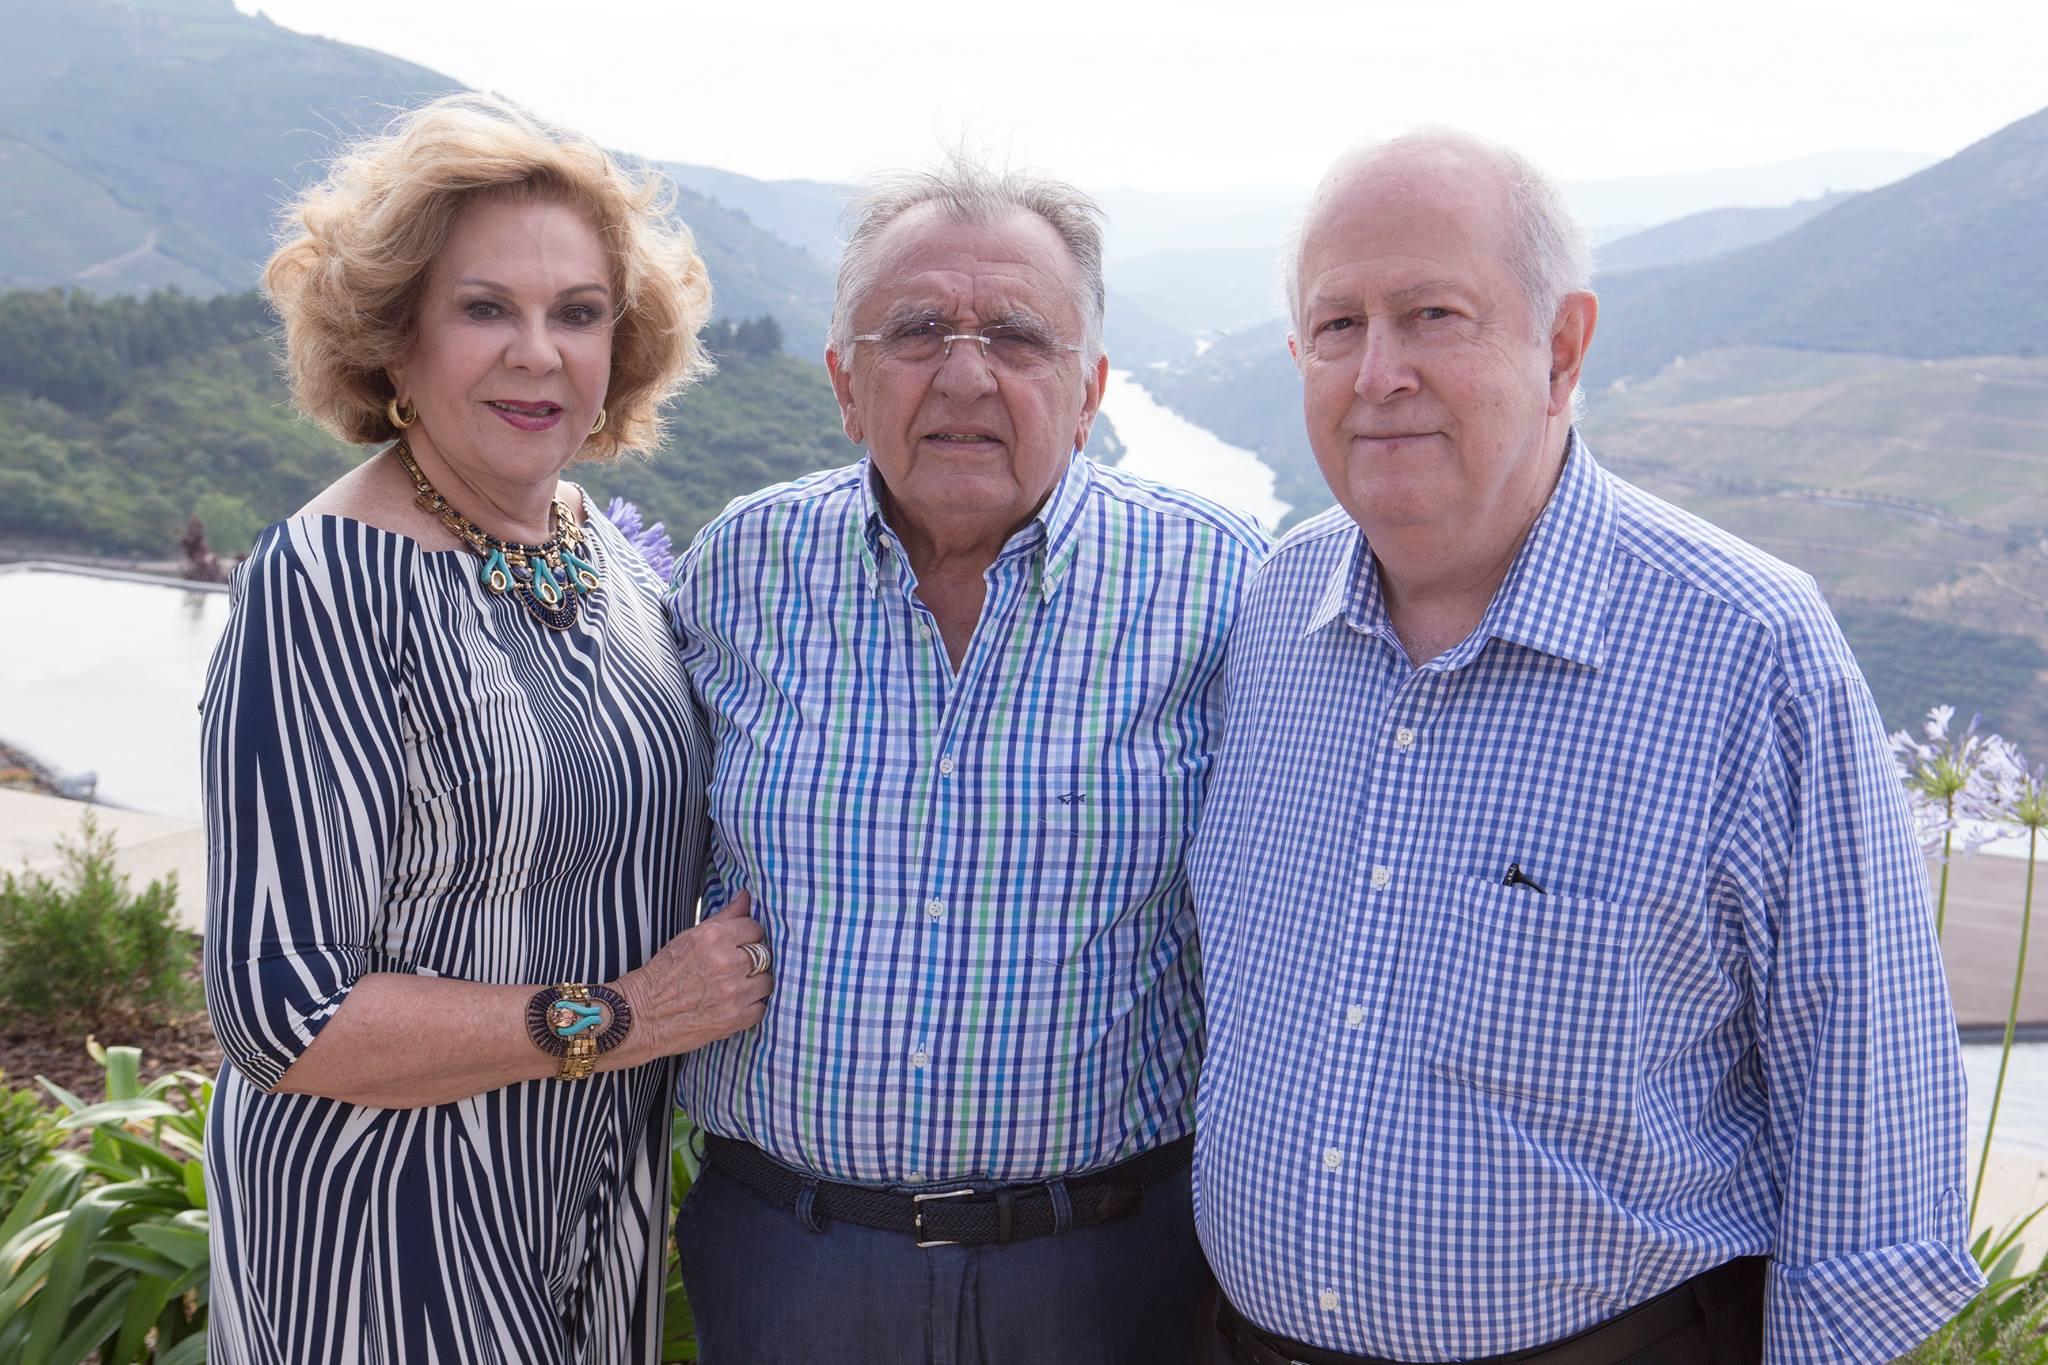 João Carlos com a esposa Auxiliadora Paes Mendonça e o amigo Albano Franco_Foto Rui Miranda.jpg